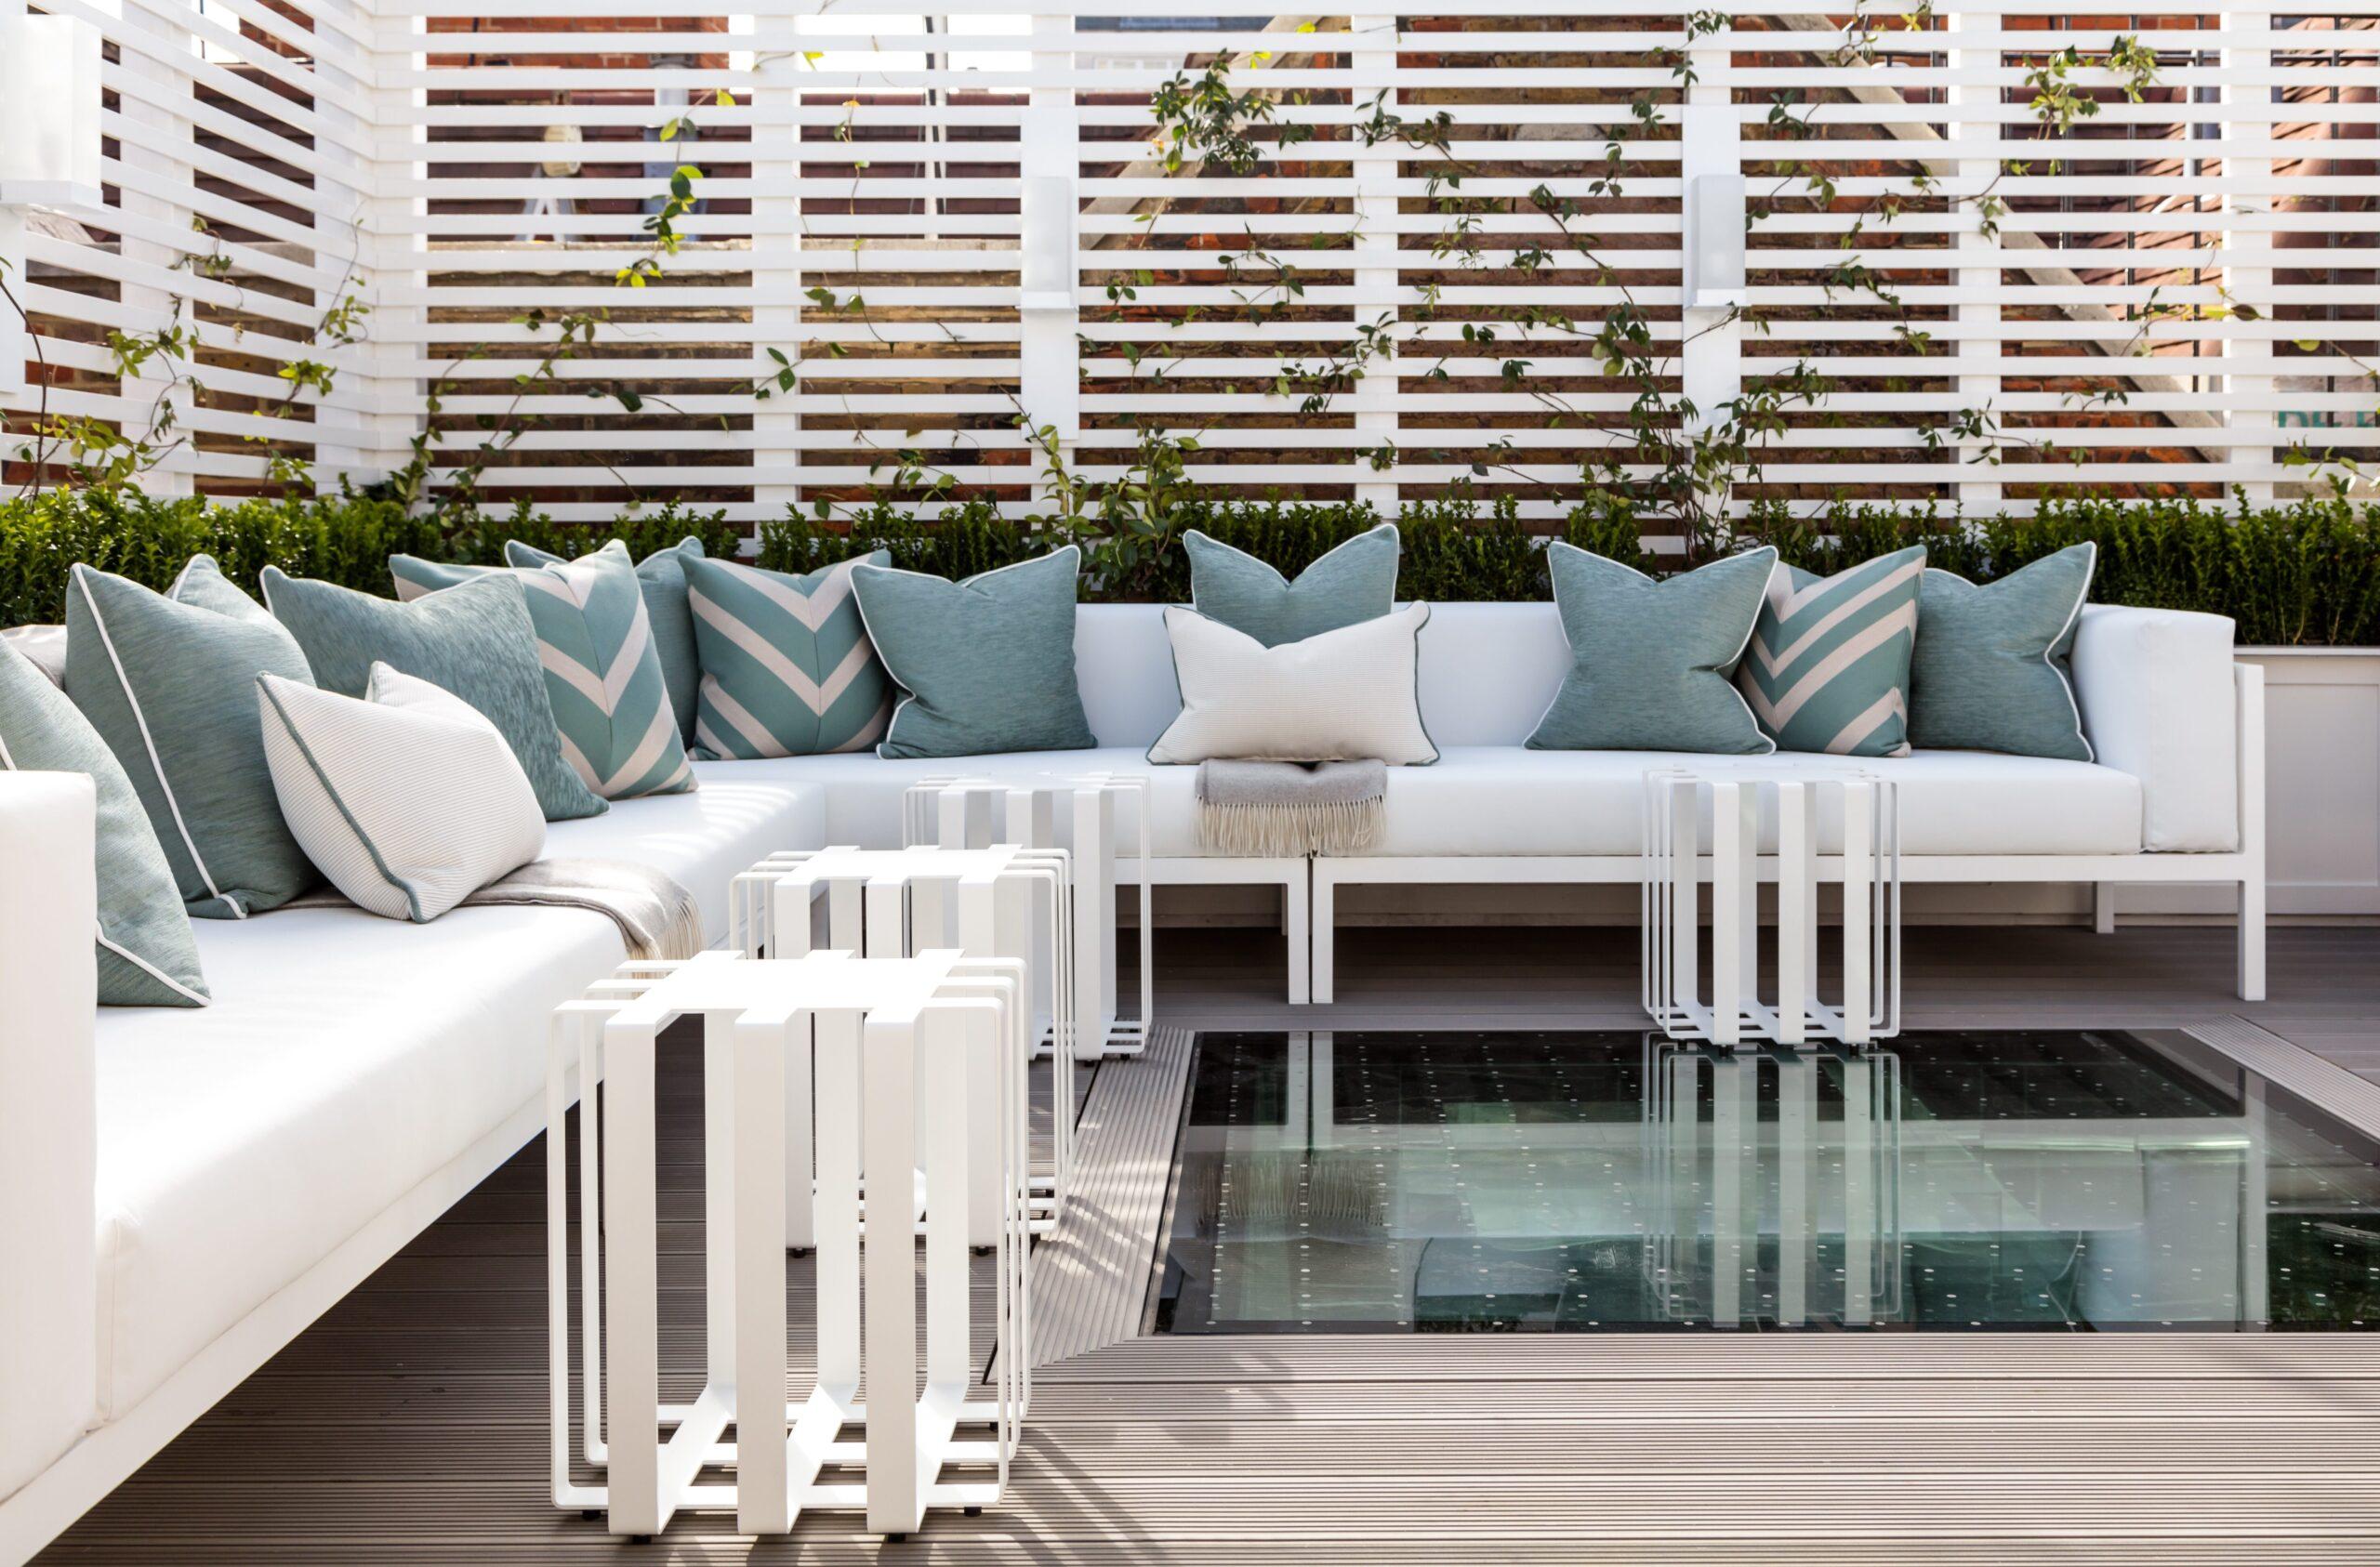 Private pool in luxury mayfair residence